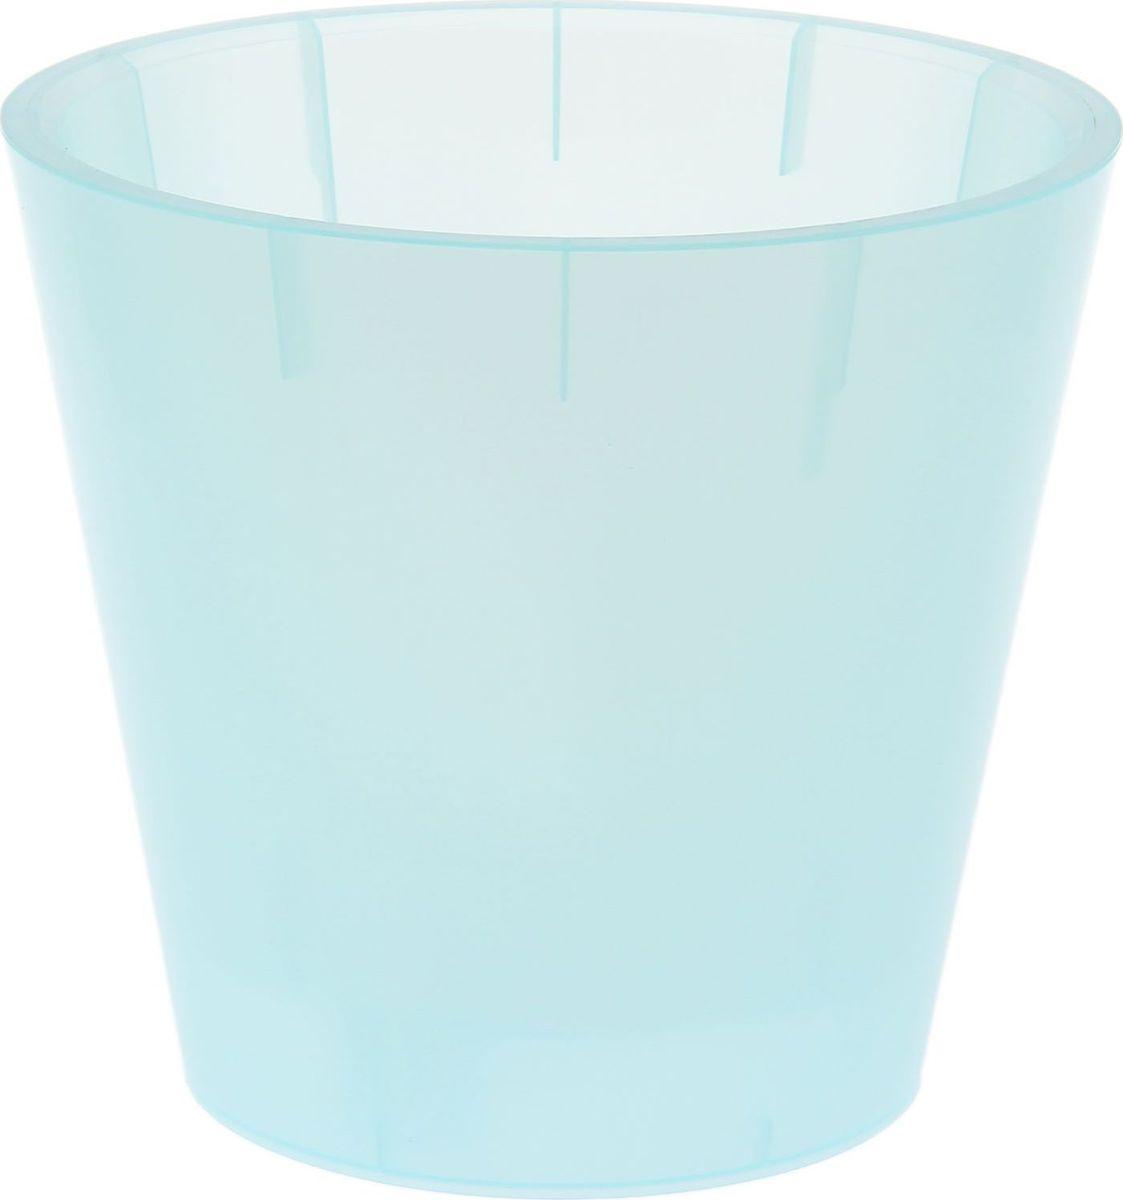 Горшок для цветов InGreen Фиджи. Орхид, цвет: голубой перламутр, 5 л1637051Любой, даже самый современный и продуманный интерьер будет незавершённым без растений. Они не только очищают воздух и насыщают его кислородом, но и украшают окружающее пространство. Такому полезному члену семьи просто необходим красивый и функциональный дом! Мы предлагаем #name#! Оптимальный выбор материала — пластмасса! Почему мы так считаем?Малый вес. С лёгкостью переносите горшки и кашпо с места на место, ставьте их на столики или полки, не беспокоясь о нагрузке. Простота ухода. Кашпо не нуждается в специальных условиях хранения. Его легко чистить — достаточно просто сполоснуть тёплой водой. Никаких потёртостей. Такие кашпо не царапают и не загрязняют поверхности, на которых стоят. Пластик дольше хранит влагу, а значит, растение реже нуждается в поливе. Пластмасса не пропускает воздух — корневой системе растения не грозят резкие перепады температур. Огромный выбор форм, декора и расцветок — вы без труда найдёте что-то, что идеально впишется в уже существующий интерьер. Соблюдая нехитрые правила ухода, вы можете заметно продлить срок службы горшков и кашпо из пластика:всегда учитывайте размер кроны и корневой системы (при разрастании большое растение способно повредить маленький горшок)берегите изделие от воздействия прямых солнечных лучей, чтобы горшки не выцветалидержите кашпо из пластика подальше от нагревающихся поверхностей. Создавайте прекрасные цветочные композиции, выращивайте рассаду или необычные растения.